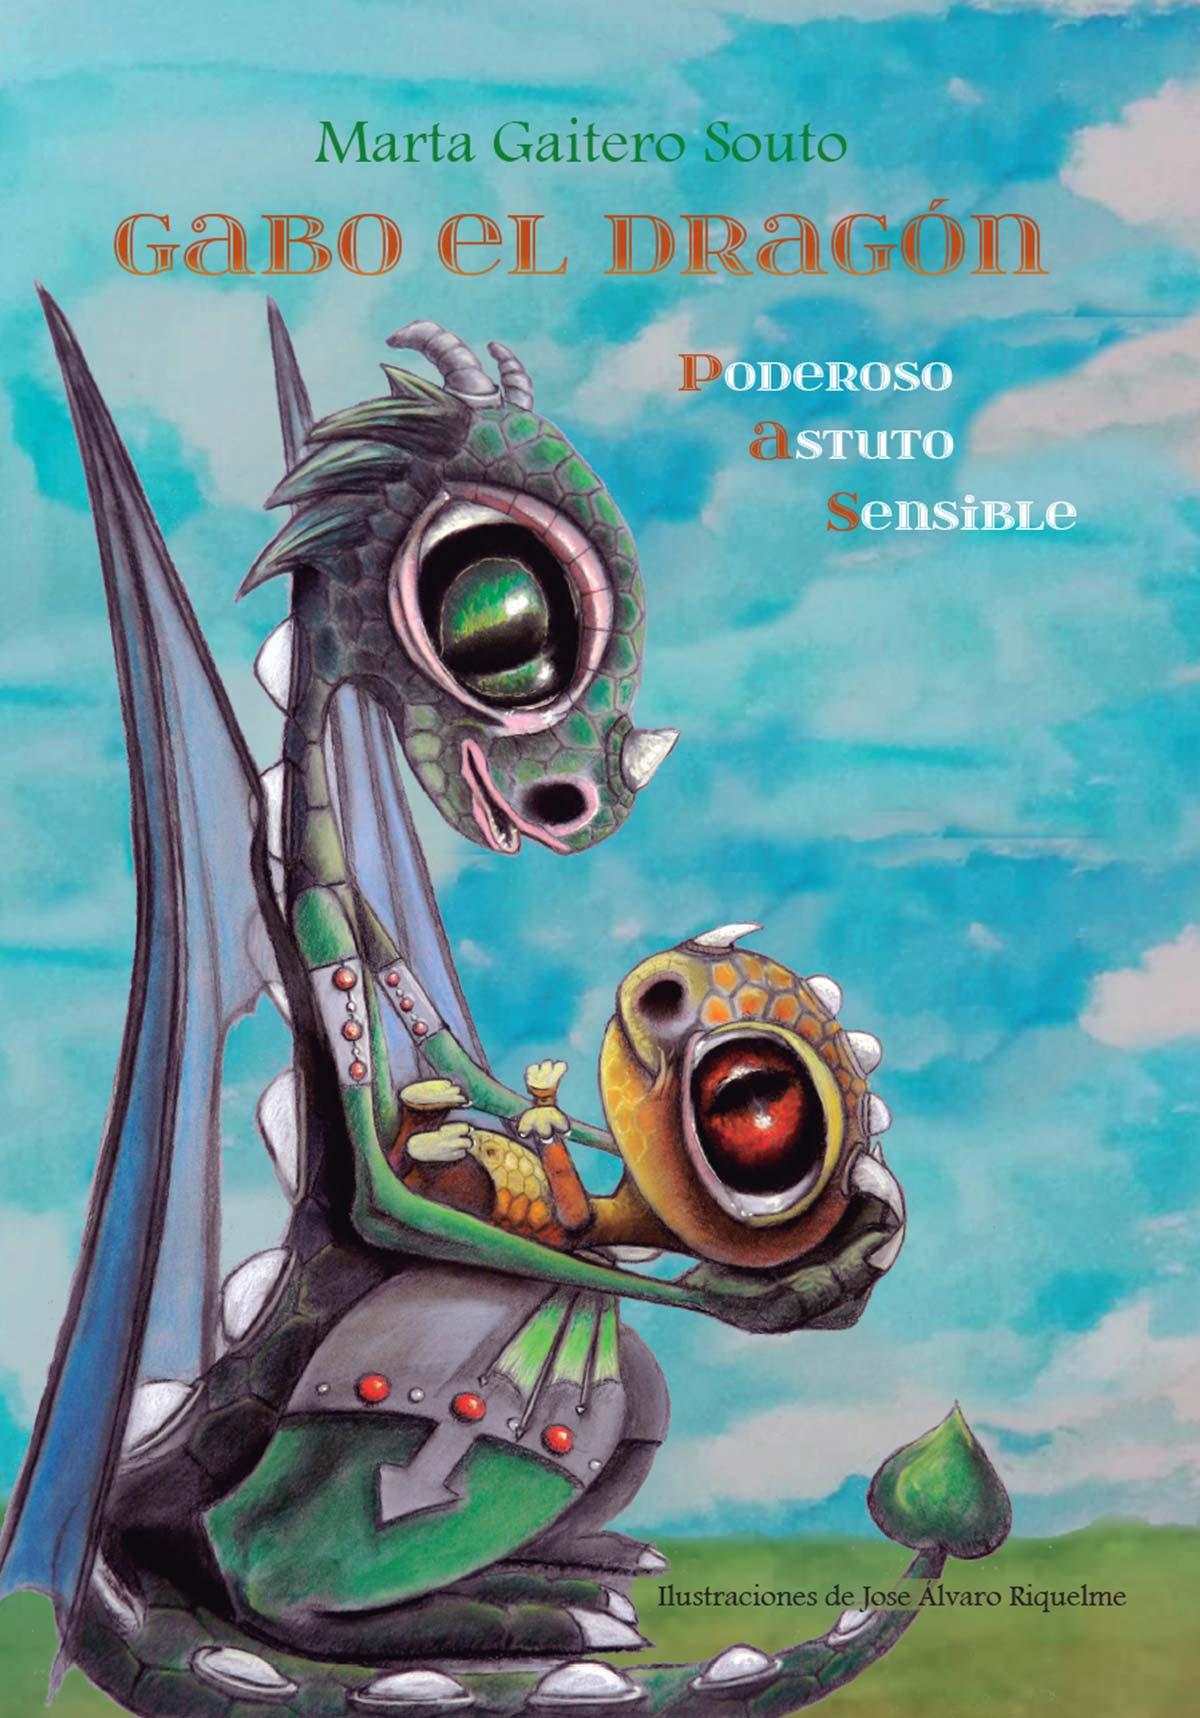 El cuento de Gabo el Dragón. Marta Gaitero Souto & José Álvaro Riquelme Librería Semuret